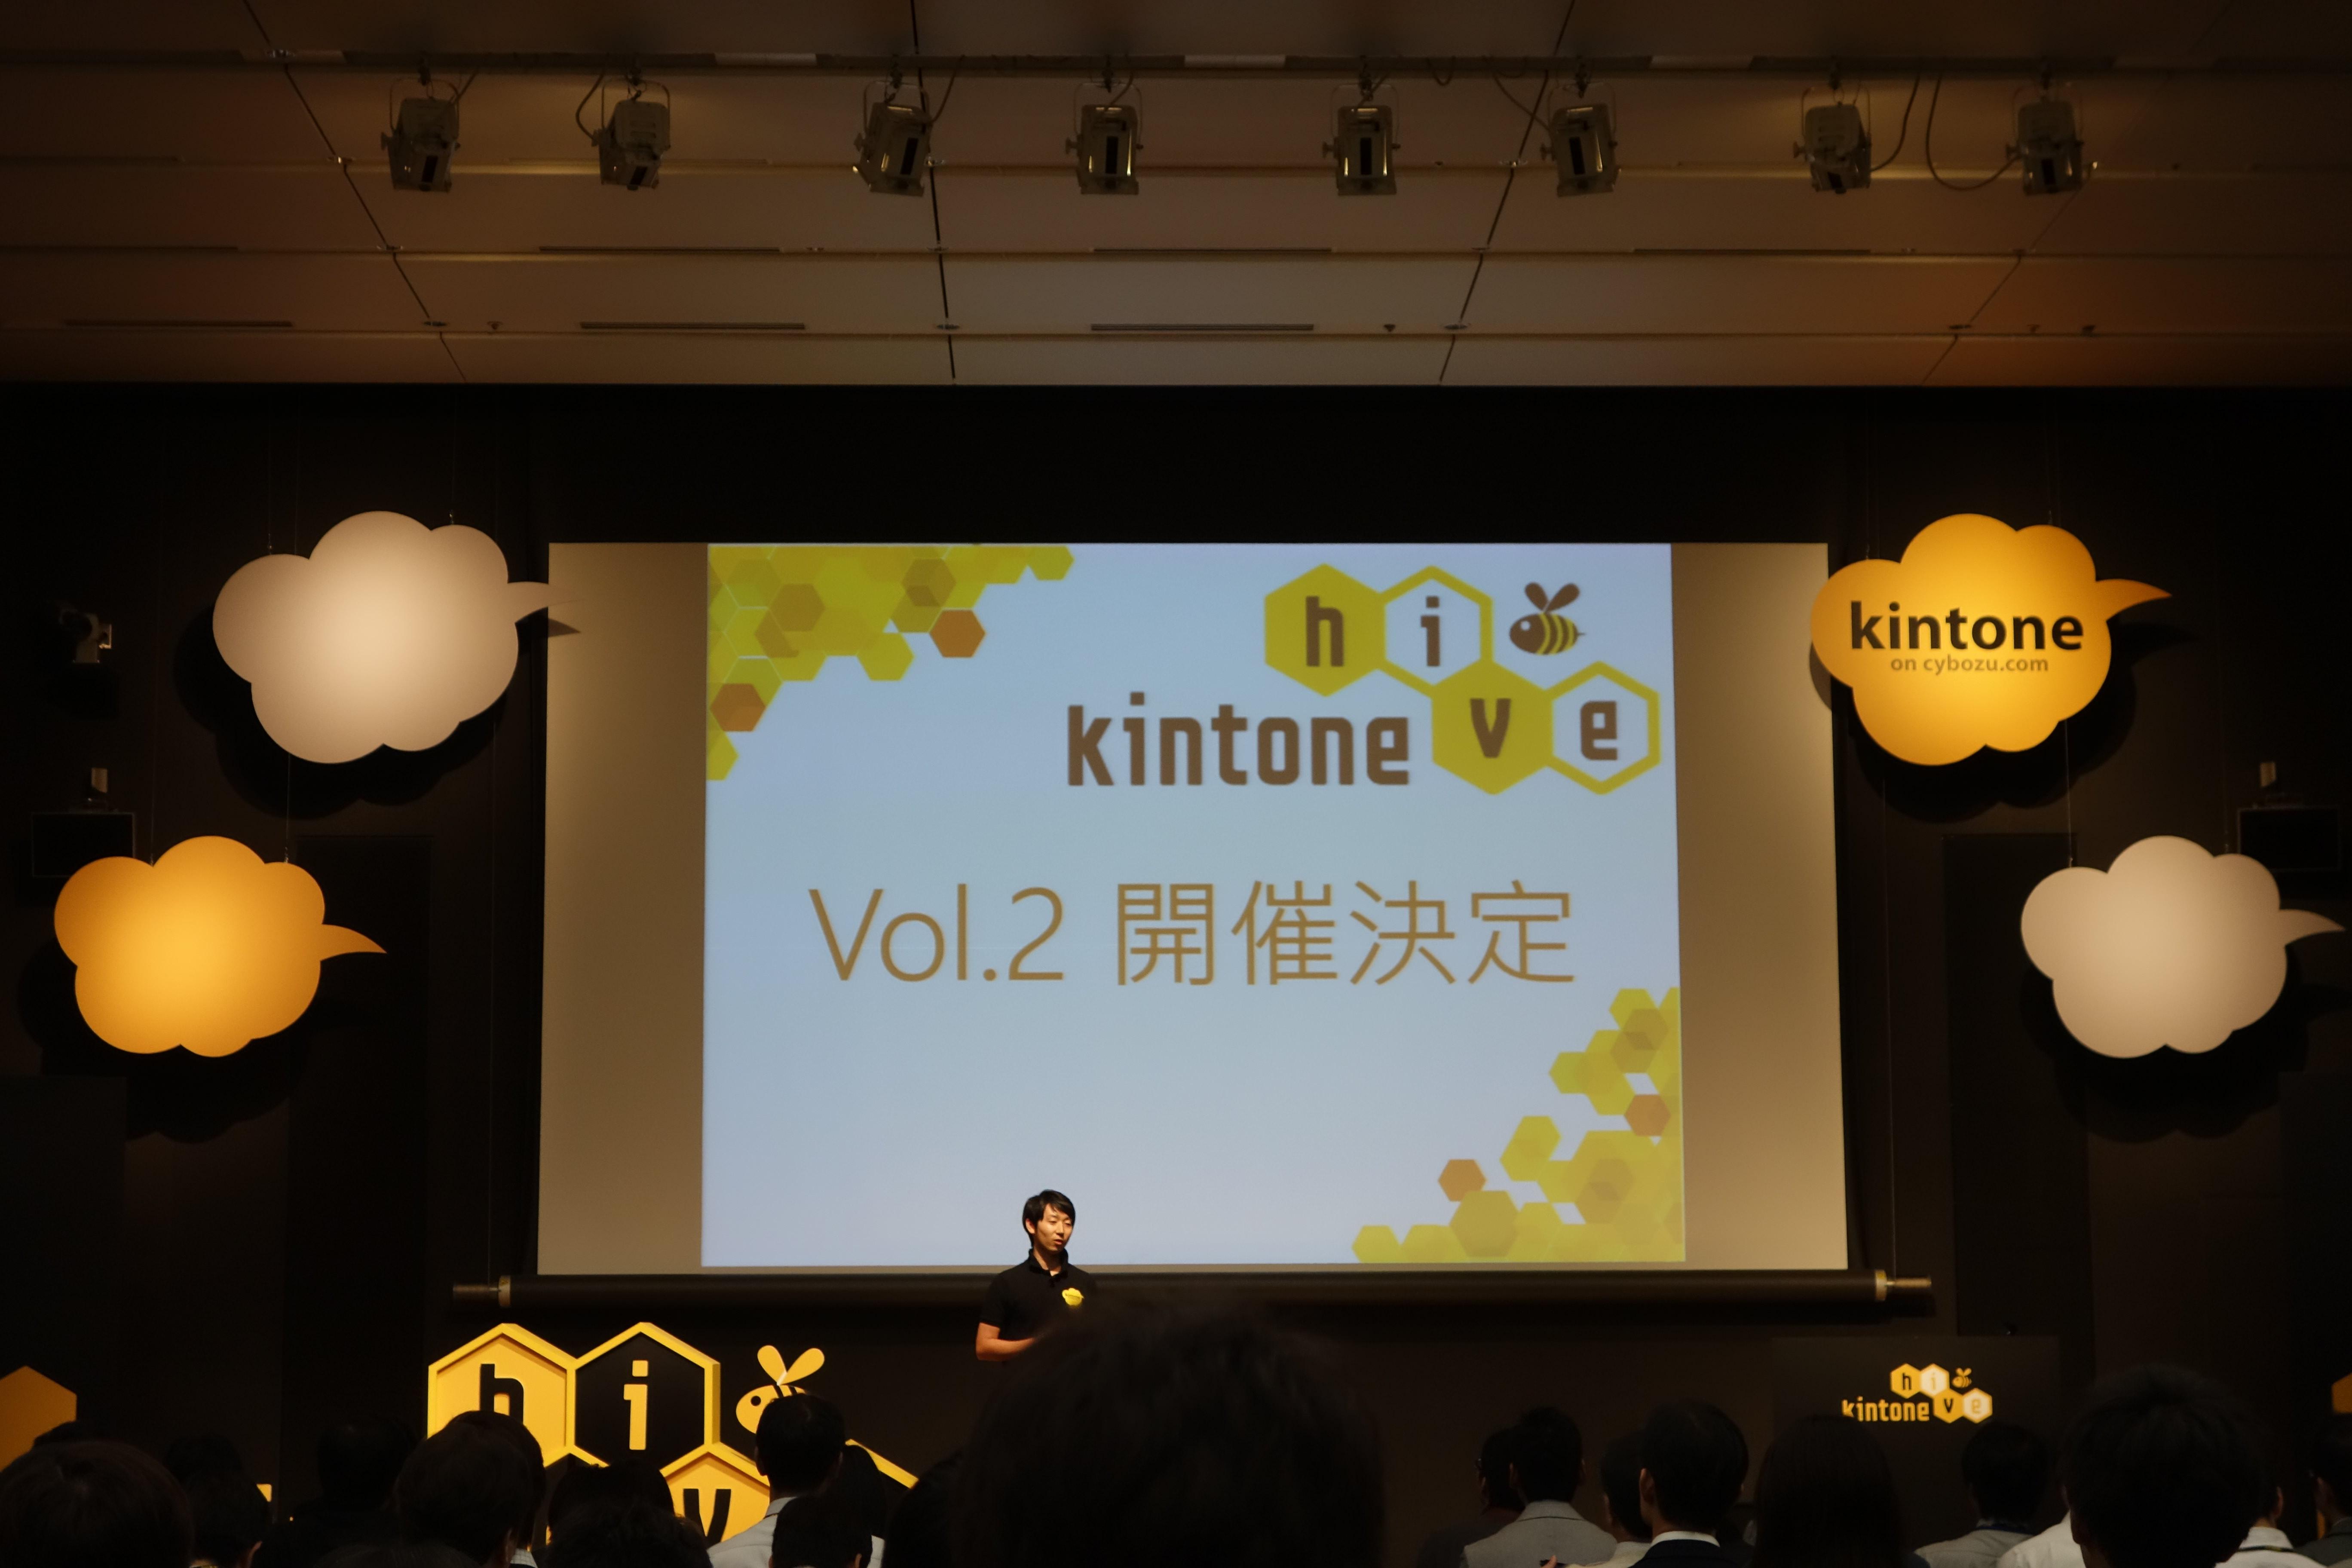 kintone hiveの講演内容や学んだ事などをまとめてみました!